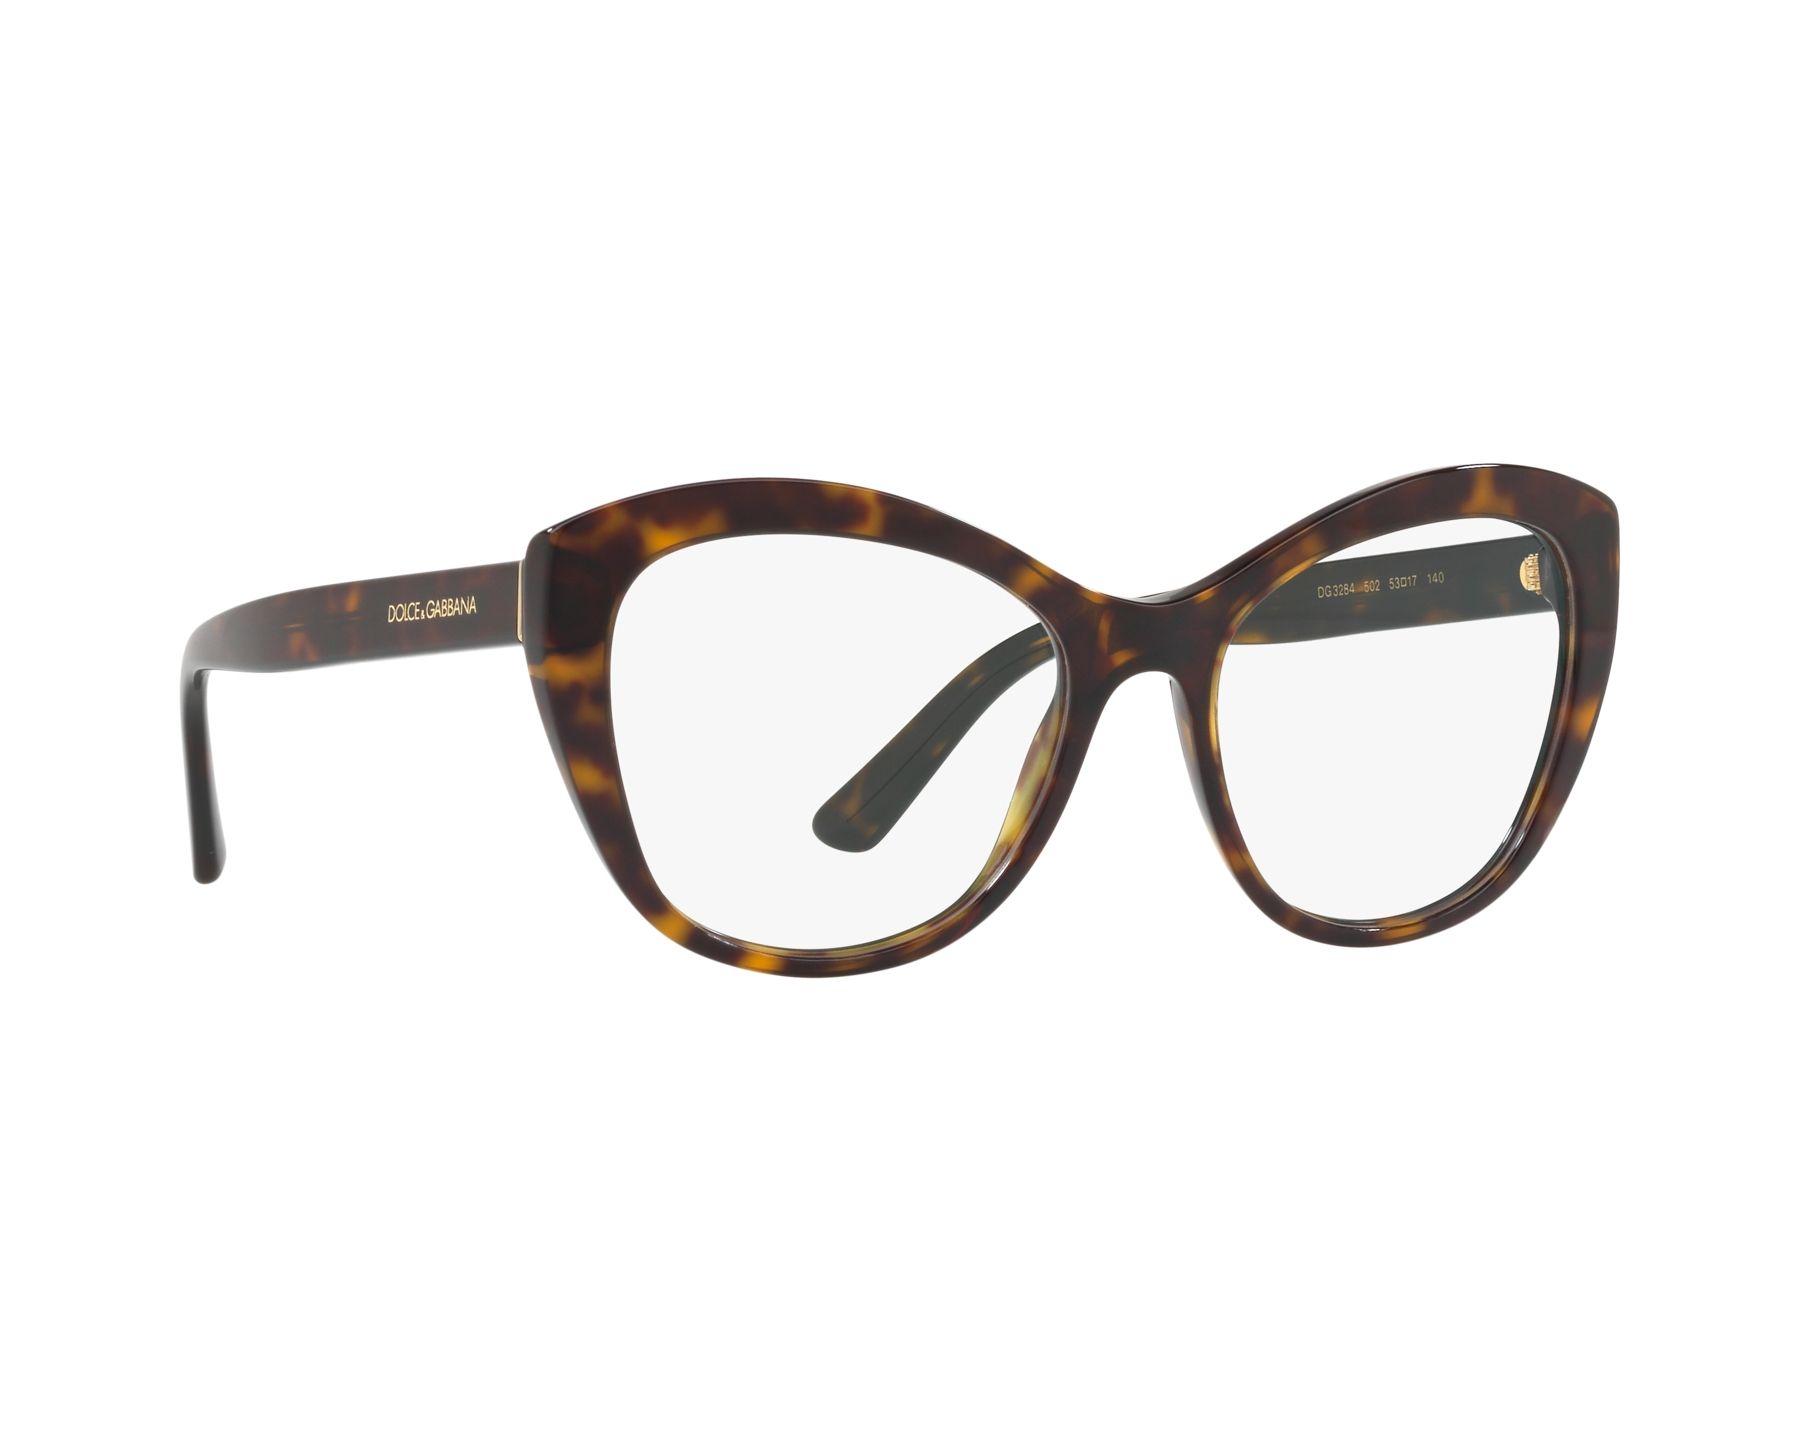 DOLCE & GABBANA Dolce & Gabbana Damen Brille » DG3284«, braun, 502 - braun